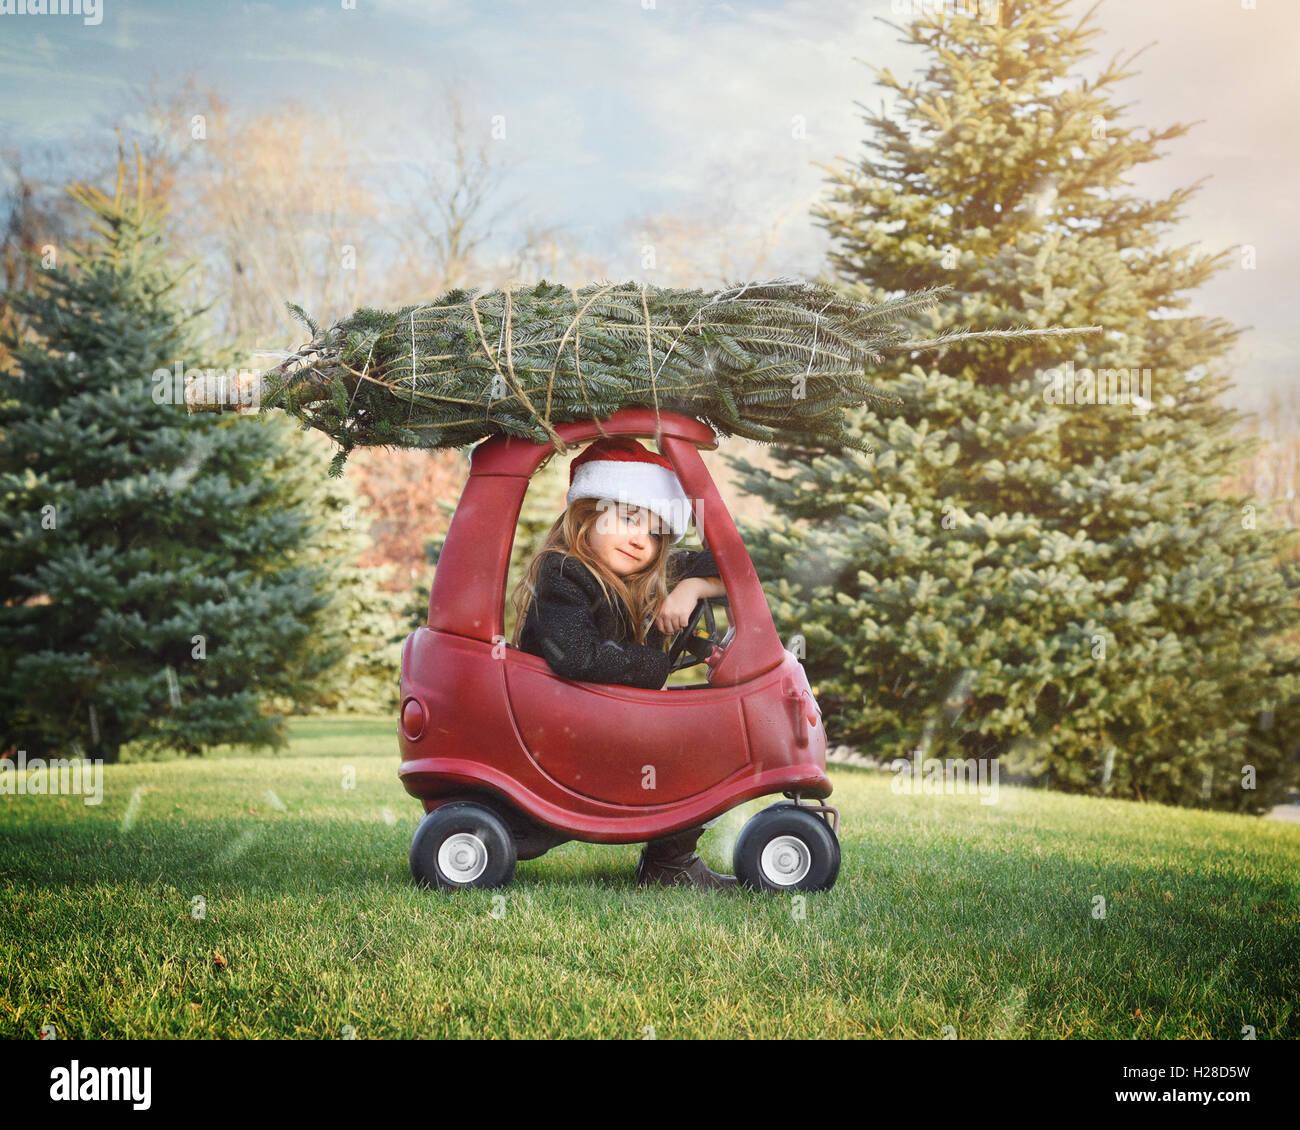 Une fille est d'avoir ramené un arbre de Noël sur le dessus d'un toit à l'extérieur dans la neige pour une maison de décoration ou une tradition familiale Banque D'Images